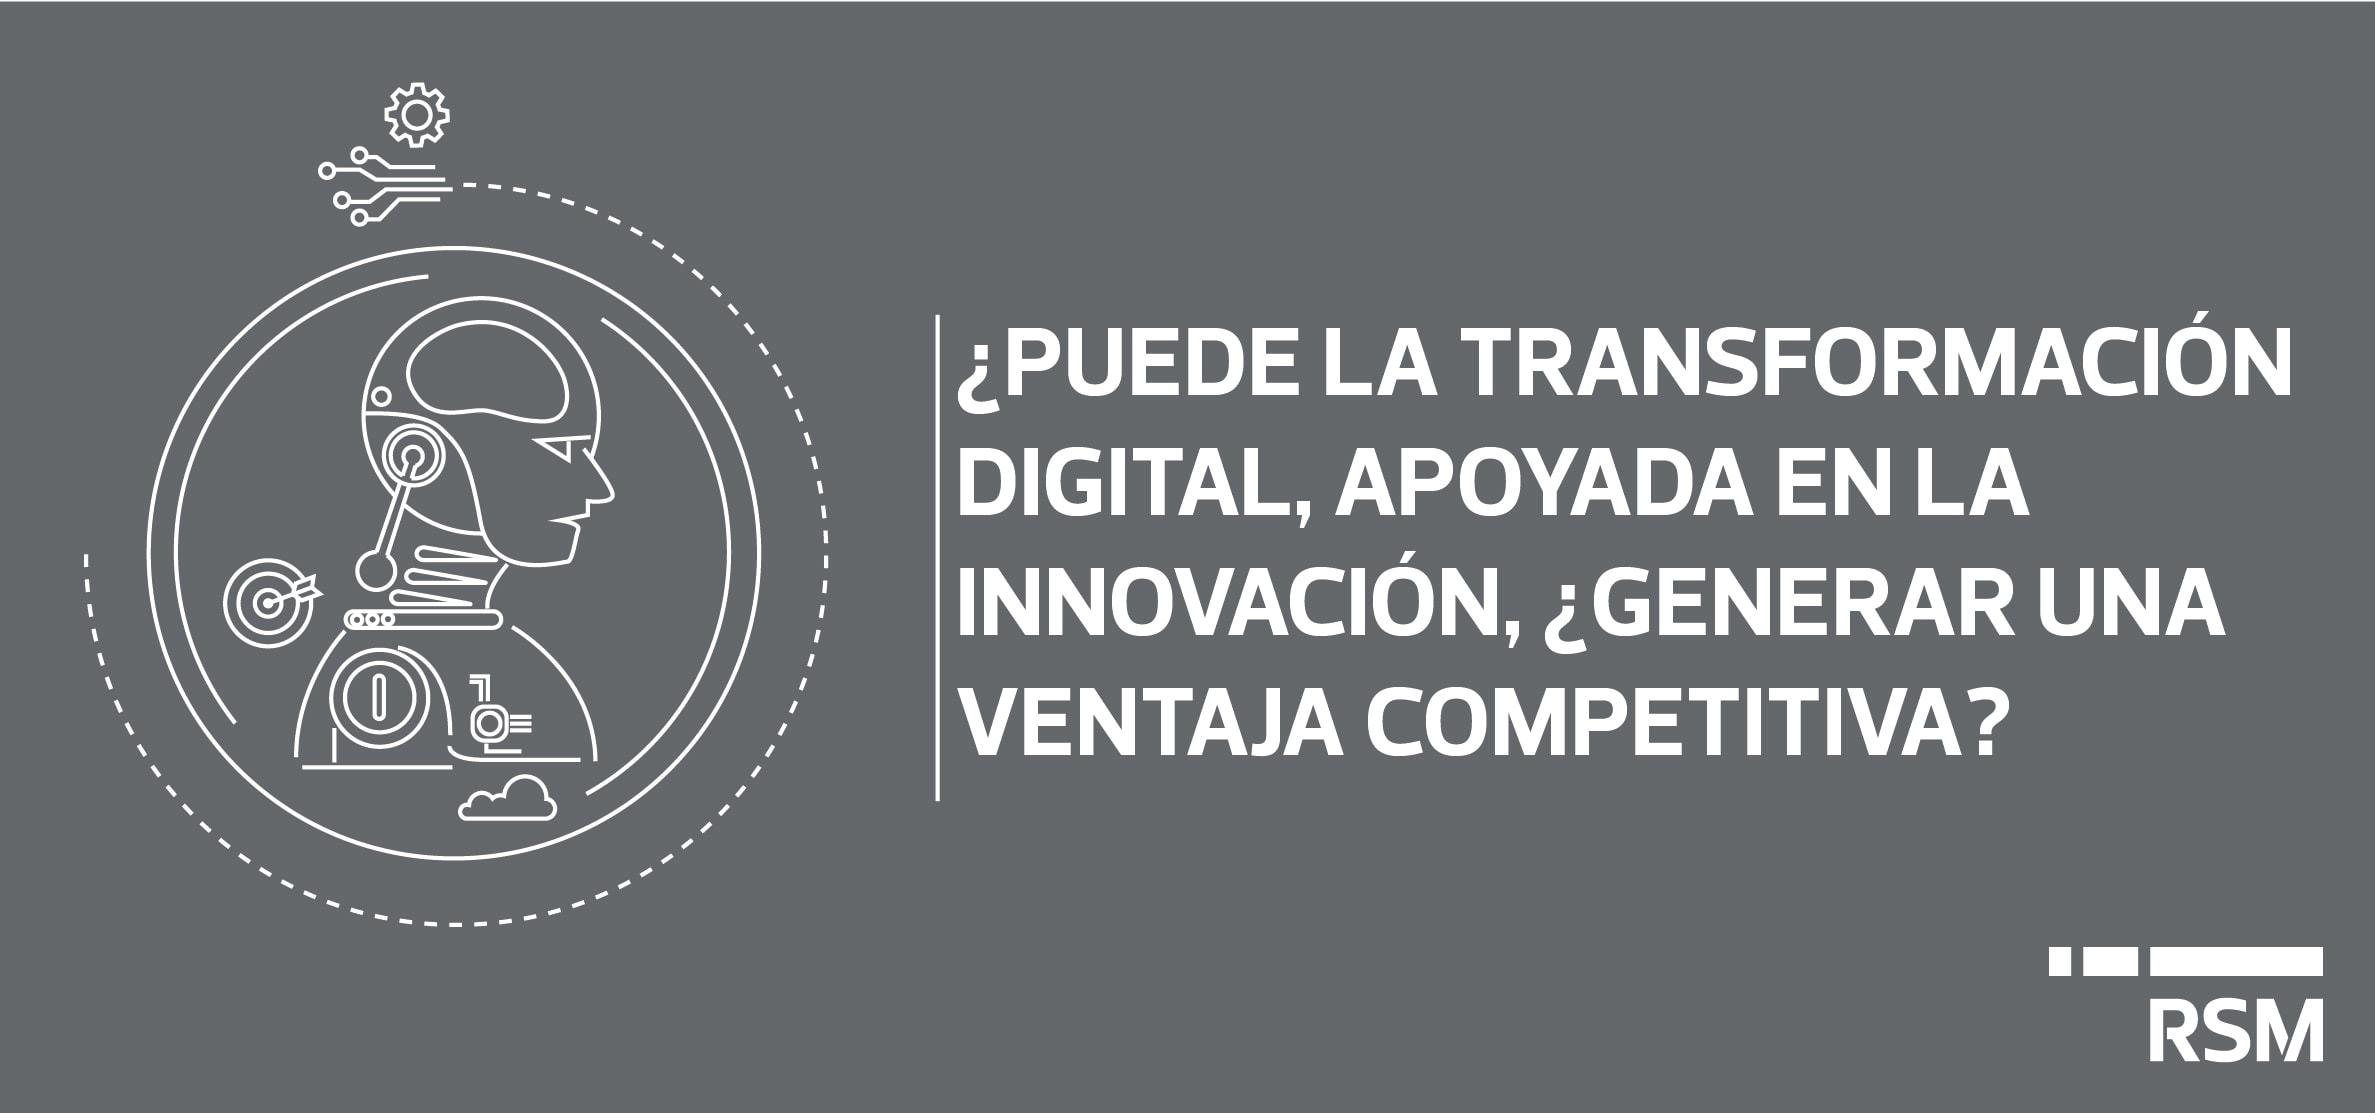 public://media/Lineas_negocio/consultoria/Insights/IMG/miniaturas_pagina_web_blogs_mesa_de_trabajo_1-01.jpg